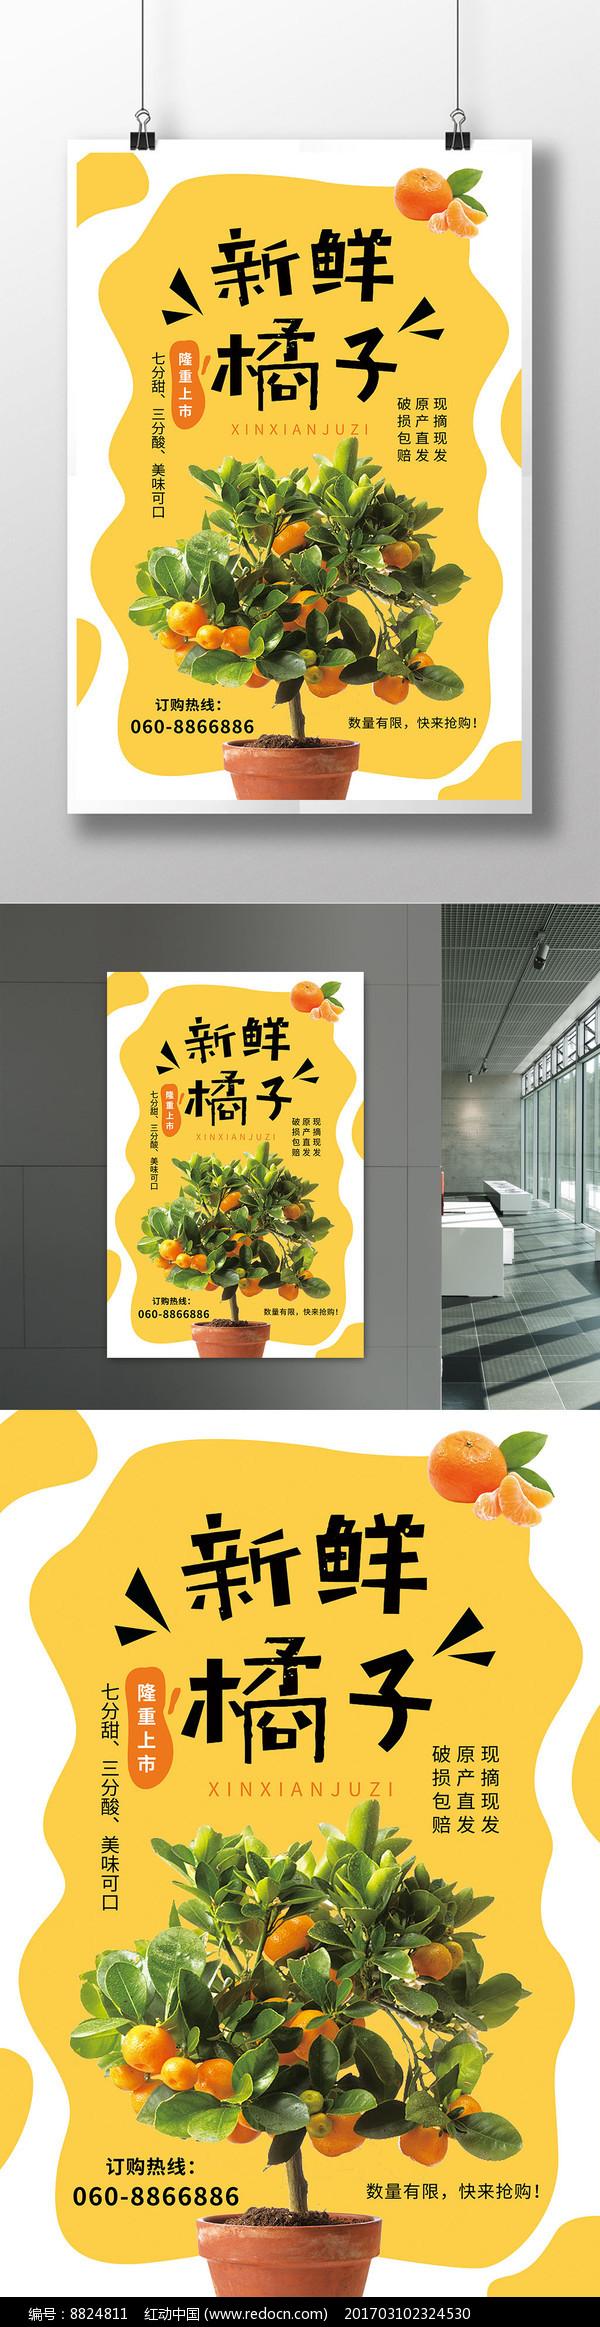 新鲜橘子水果宣传海报设计图片